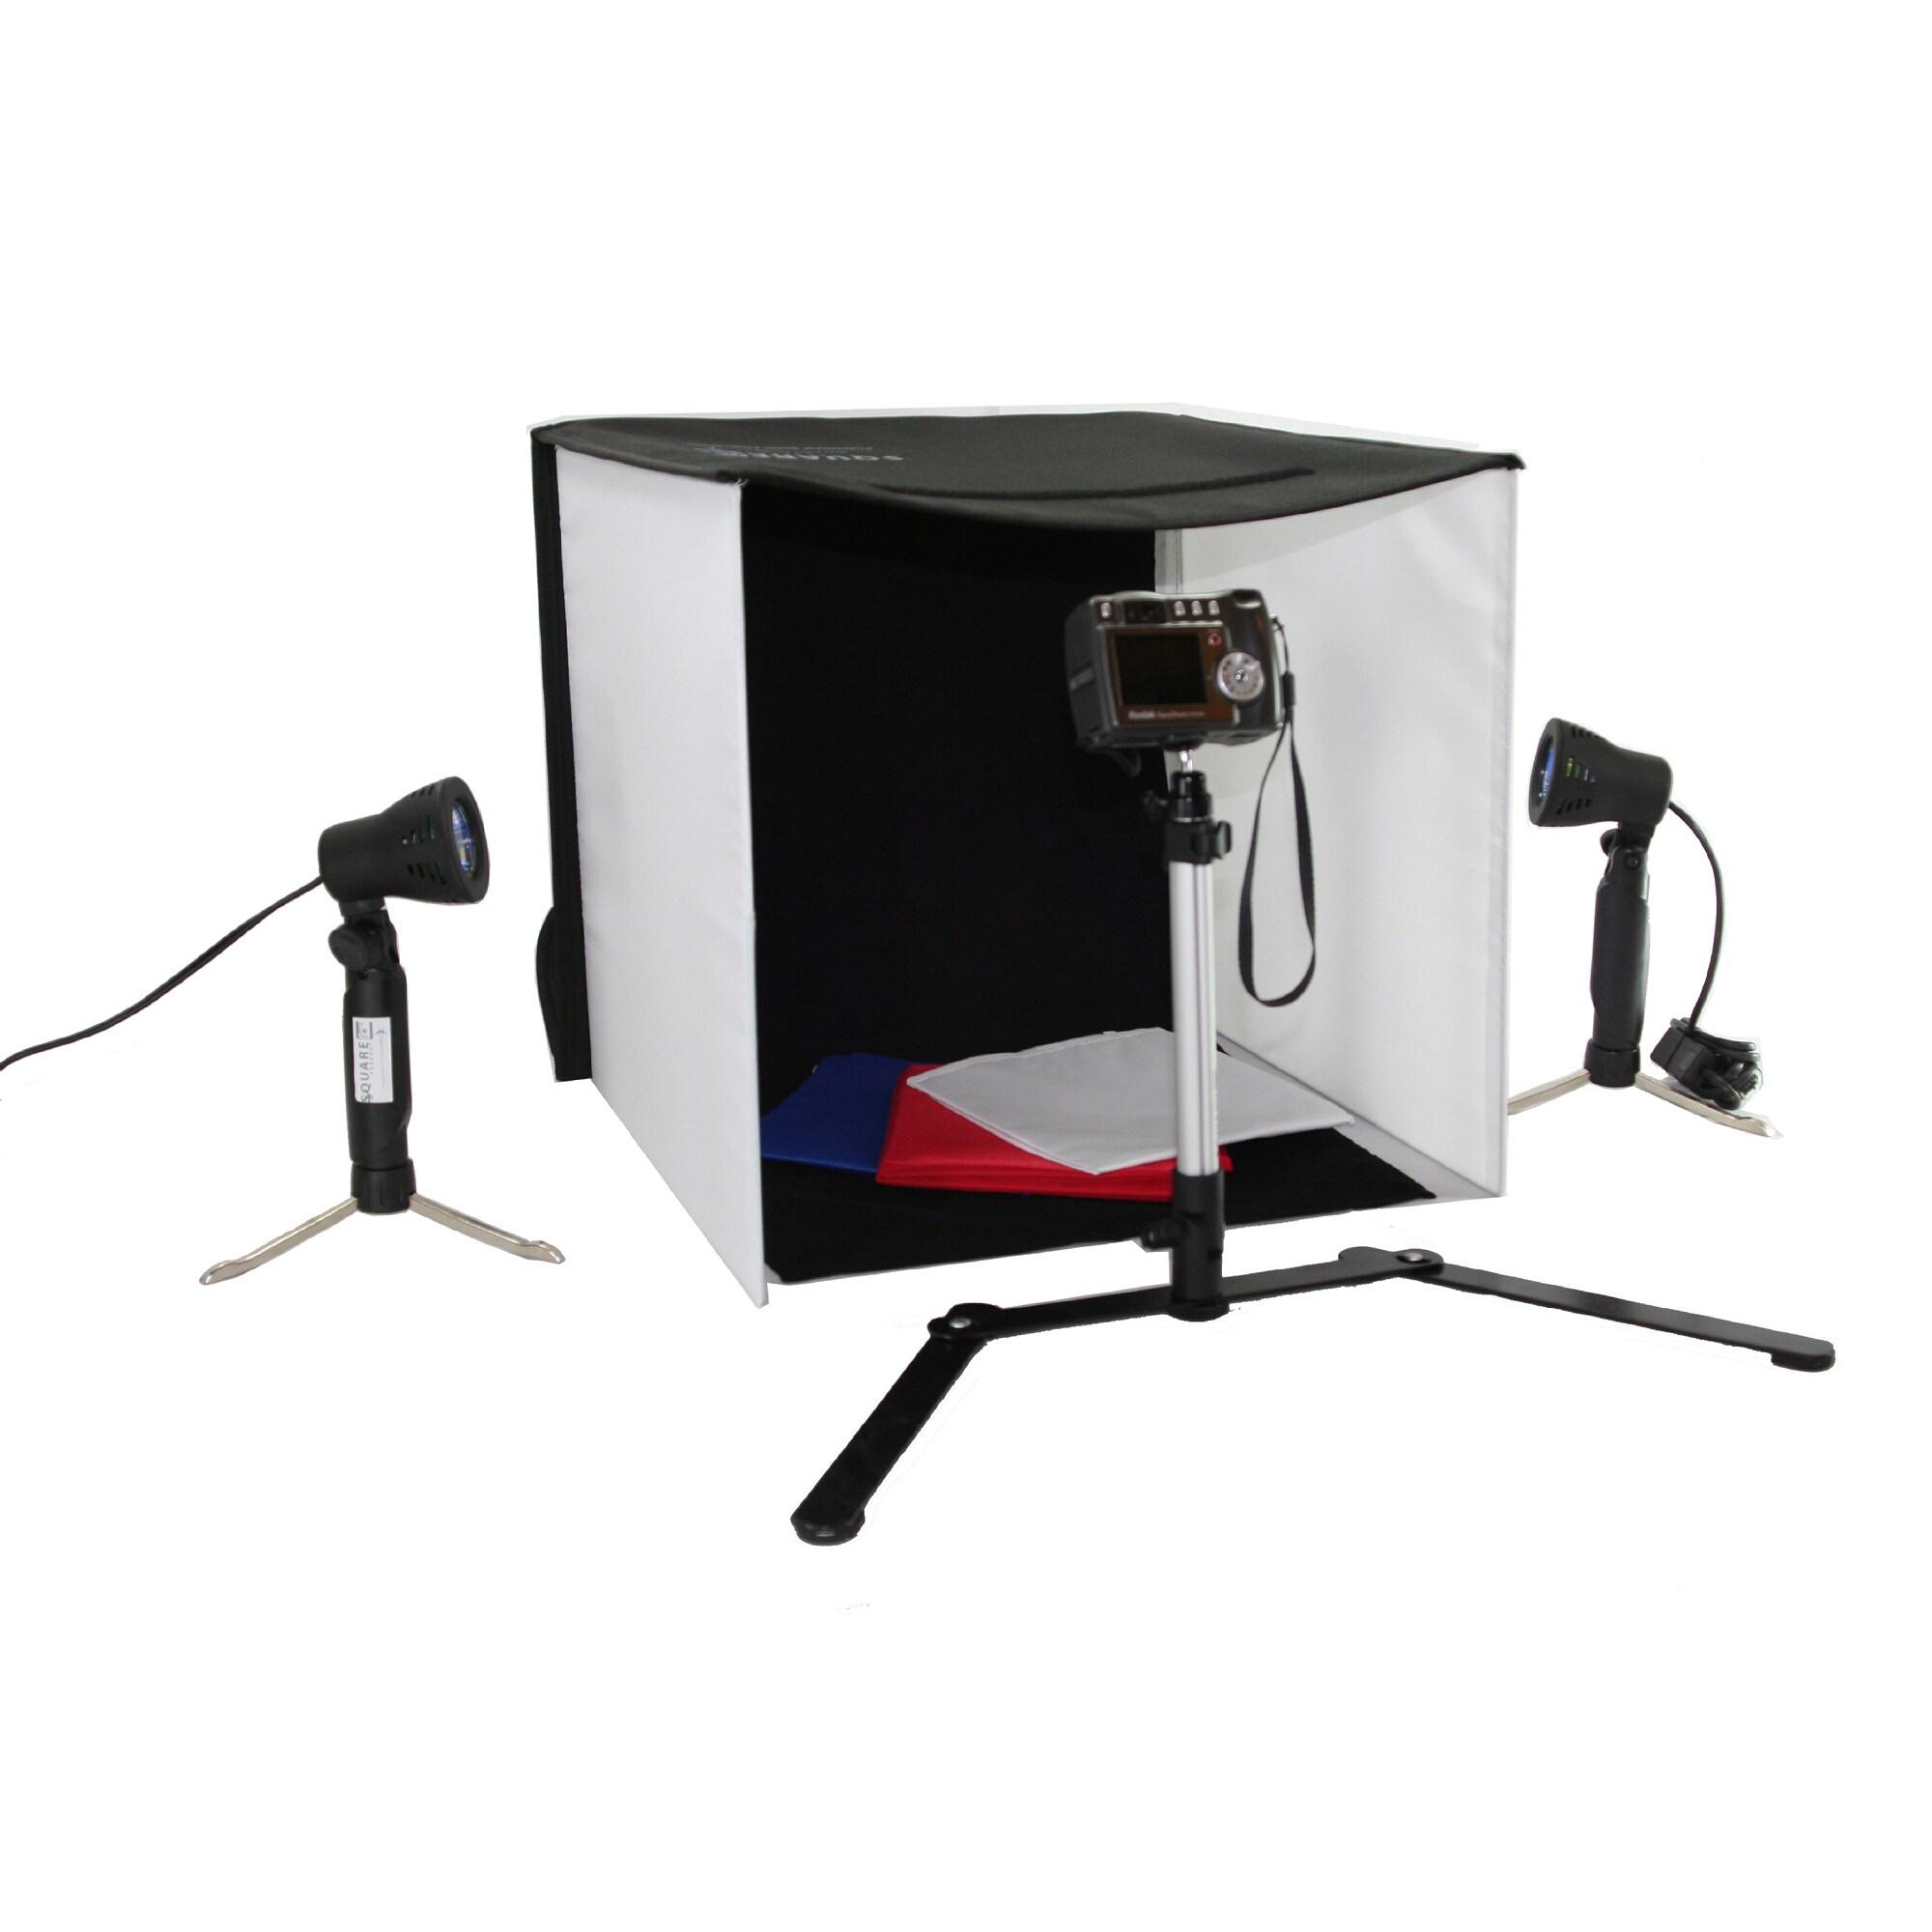 Square Perfect 16 Inch LED Photo Studio in A Box w//4 Color Backdrops Pro Quality